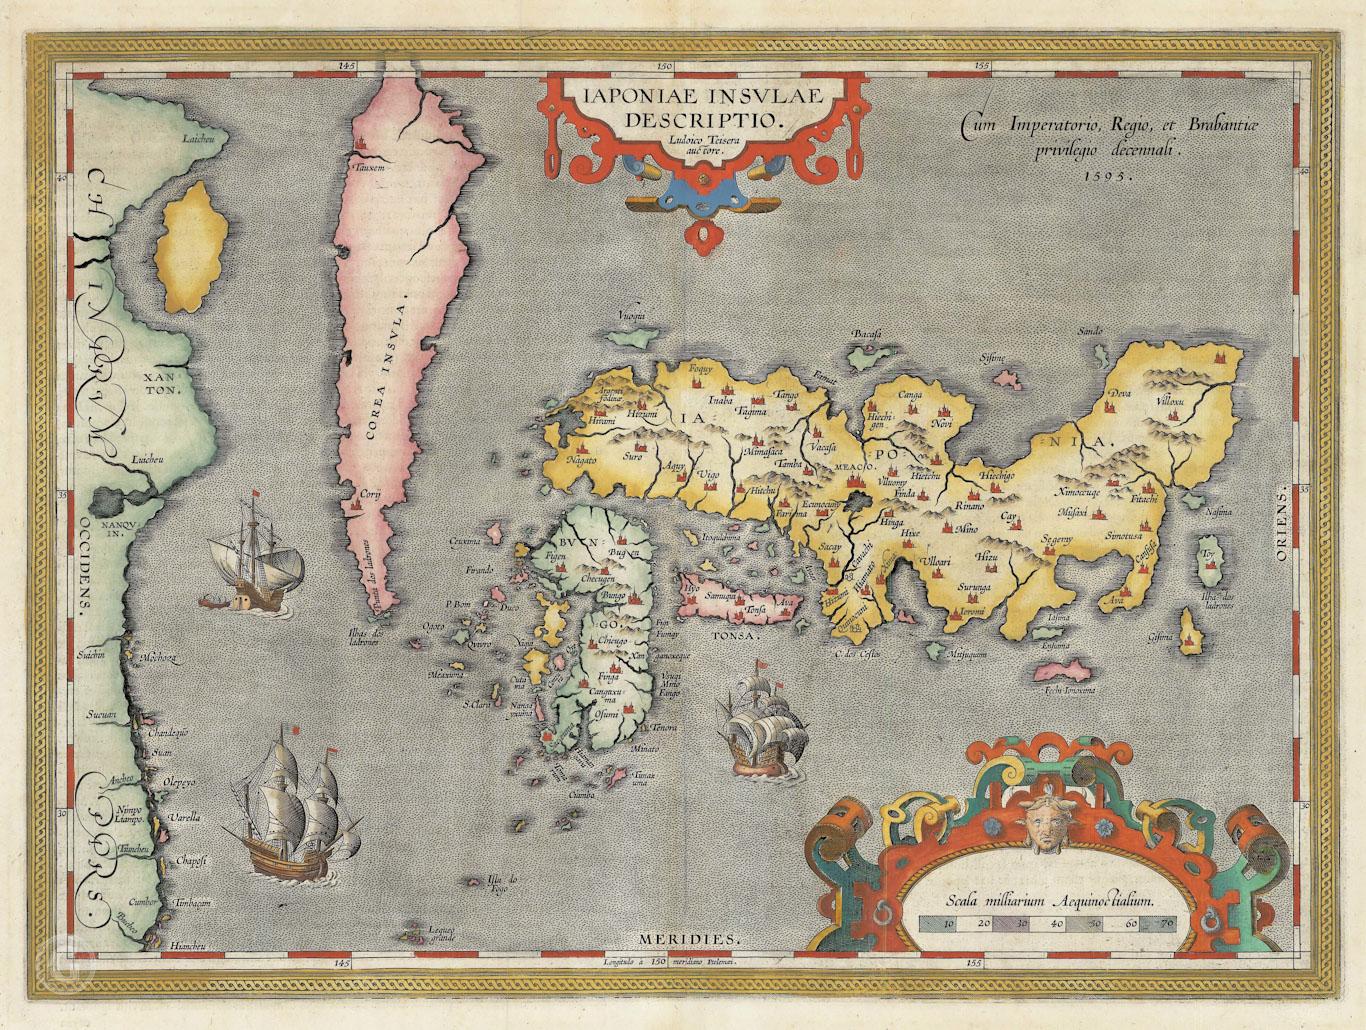 Абрахам Ортелий – Япония, 1595 г.